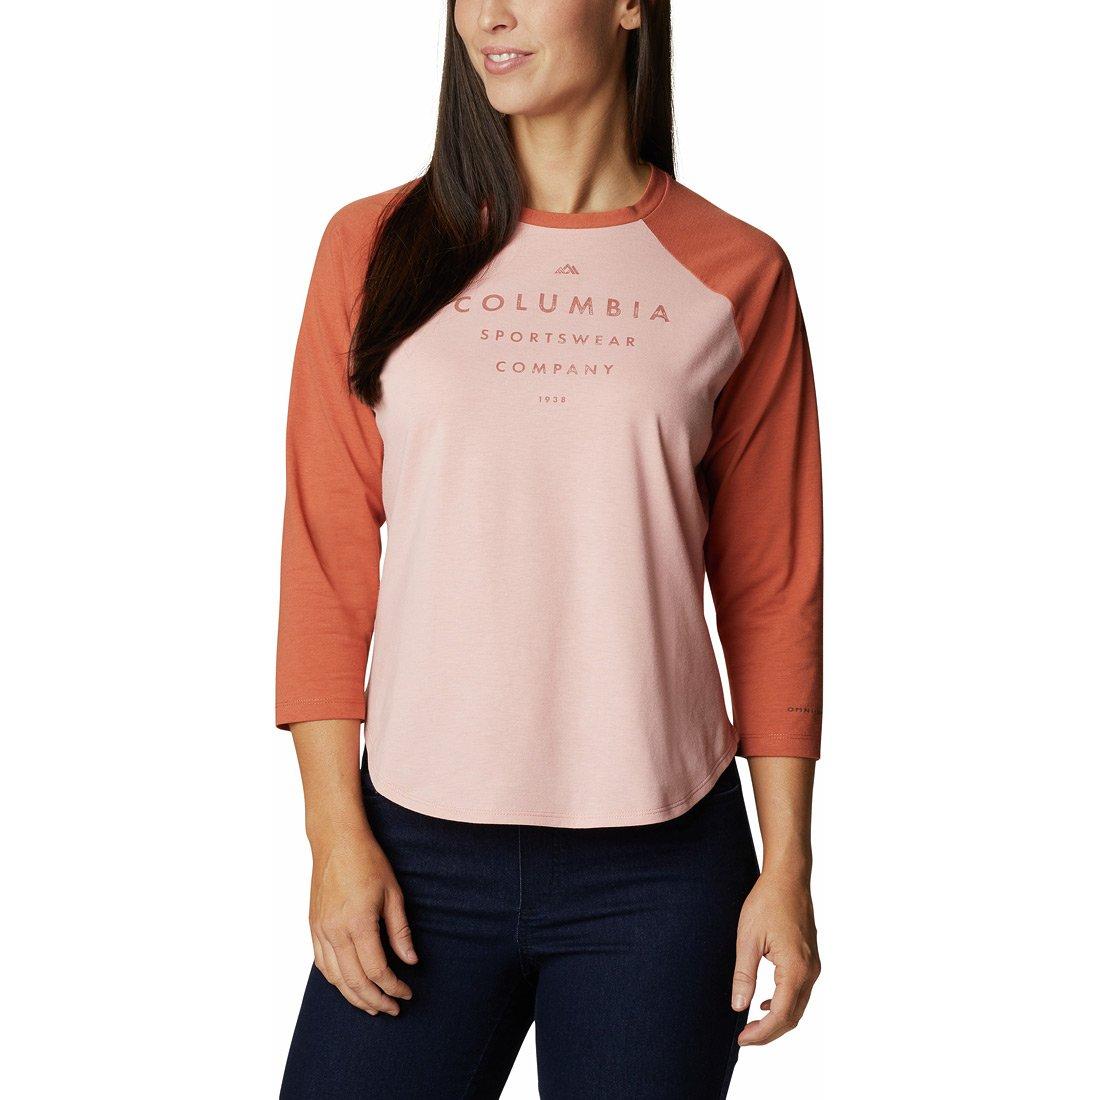 חולצה לנשים - Sun Trek 3/4 Sleeve T - Columbia